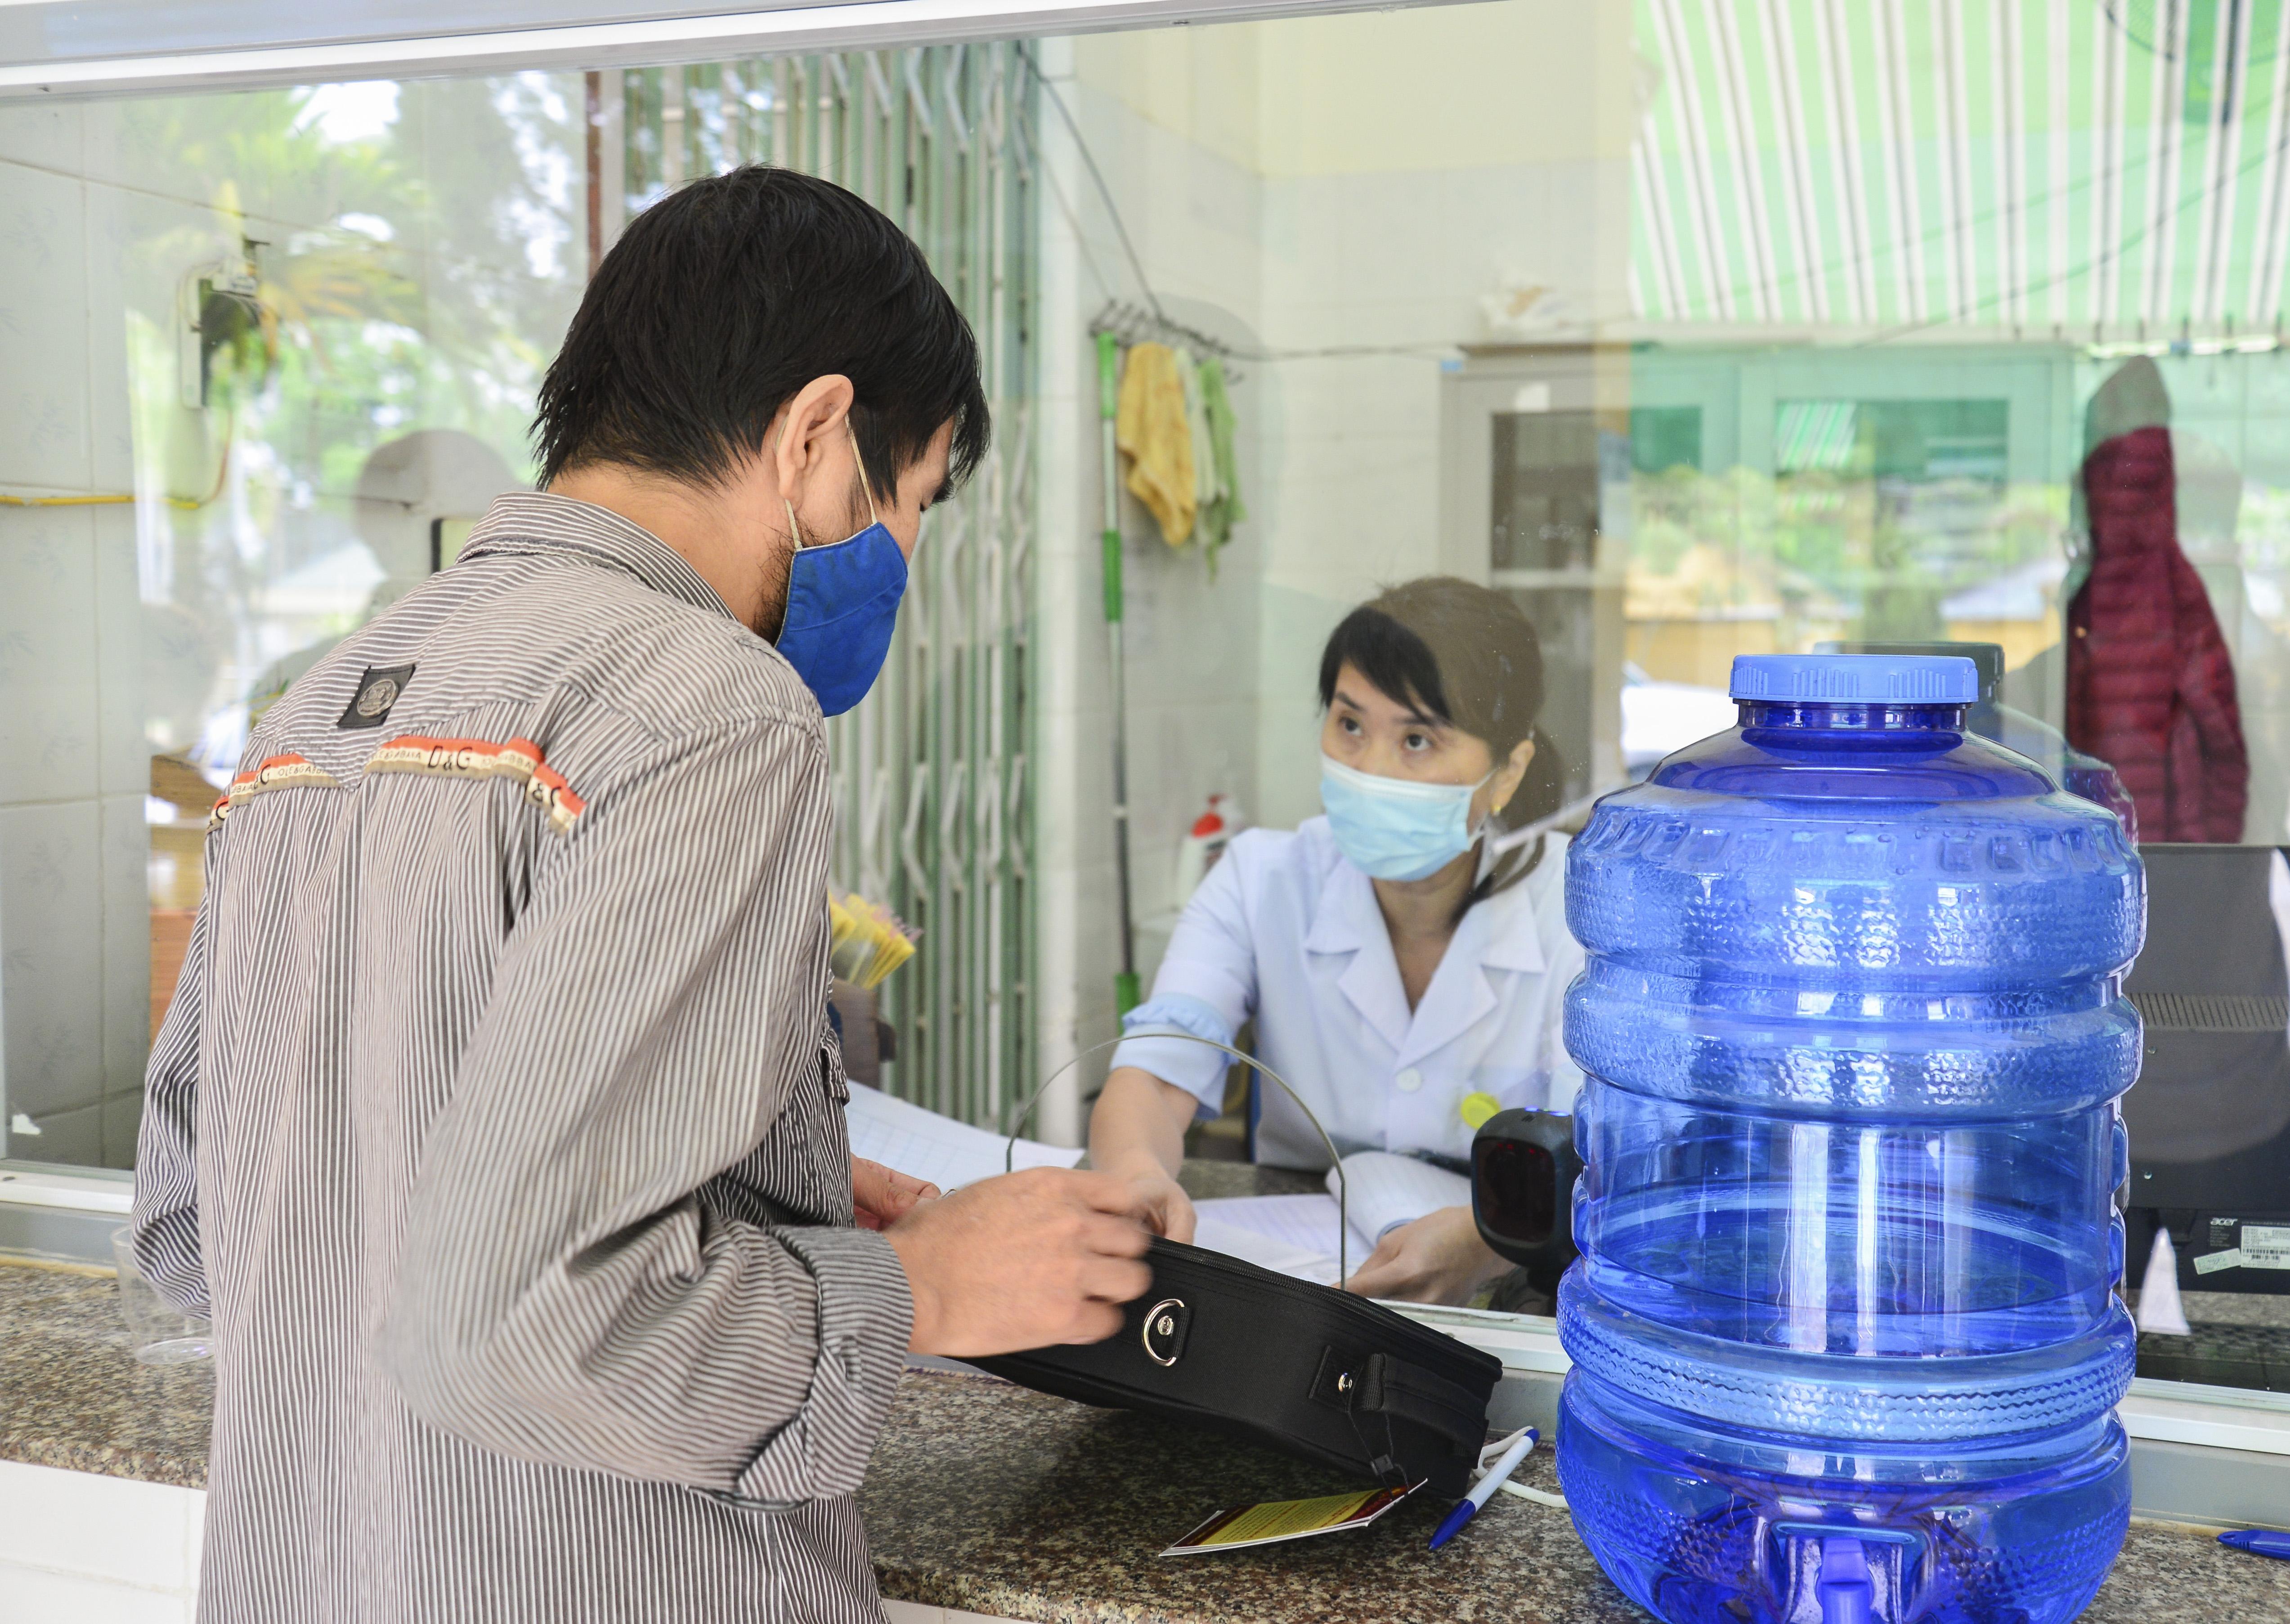 Trong tháng đầu tiên các bệnh nhân sẽ được cấp một liều thuốc mang về nhà, một liều uống ngay tại cơ sở điều trị.